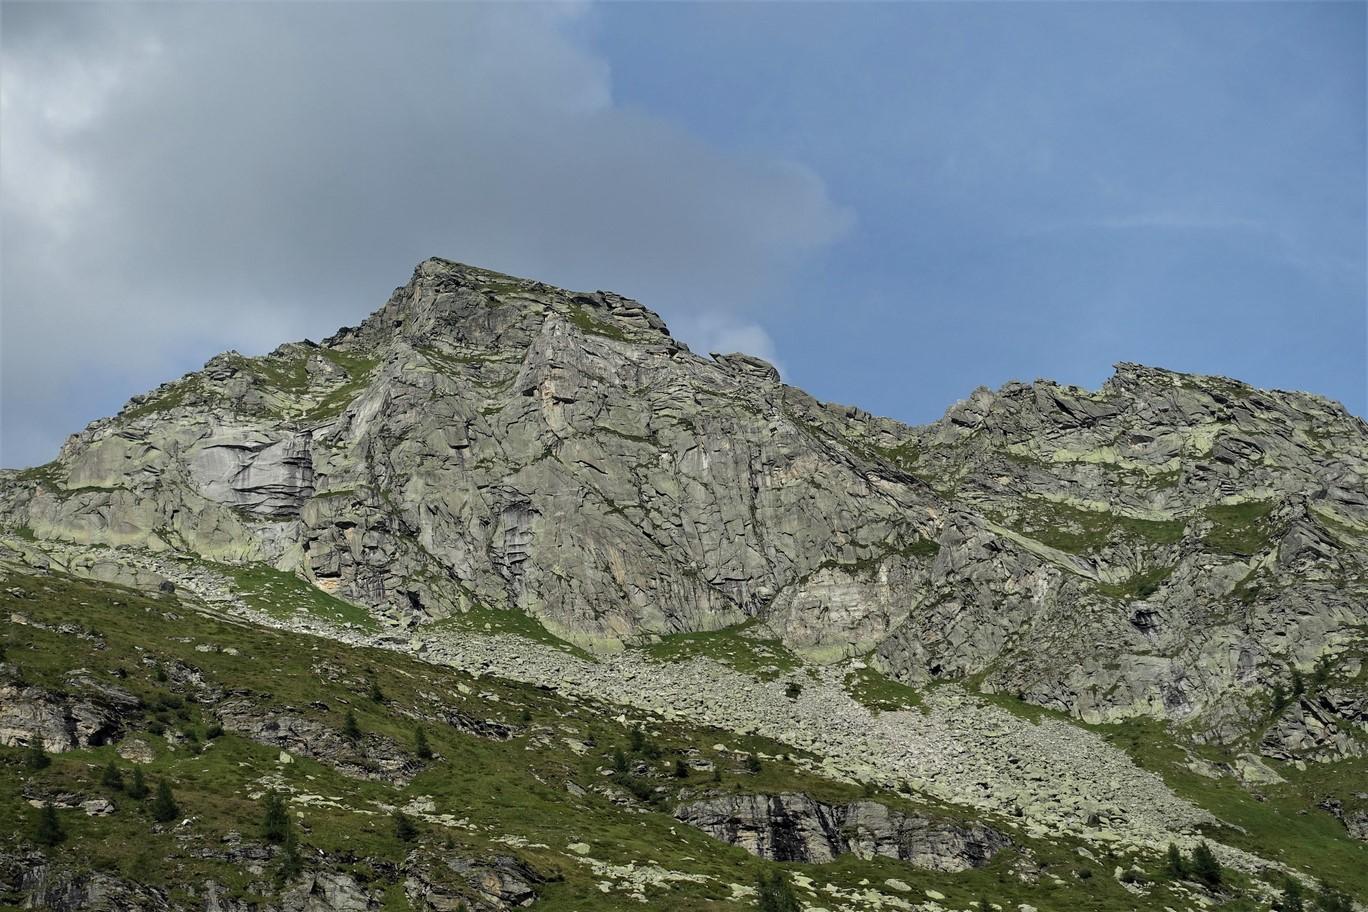 Sereno Variable začíná ve spádnici vrcholu, v nejvyšší části travnatého vhloubení, Liberty vpravo, tam kde končí tráva